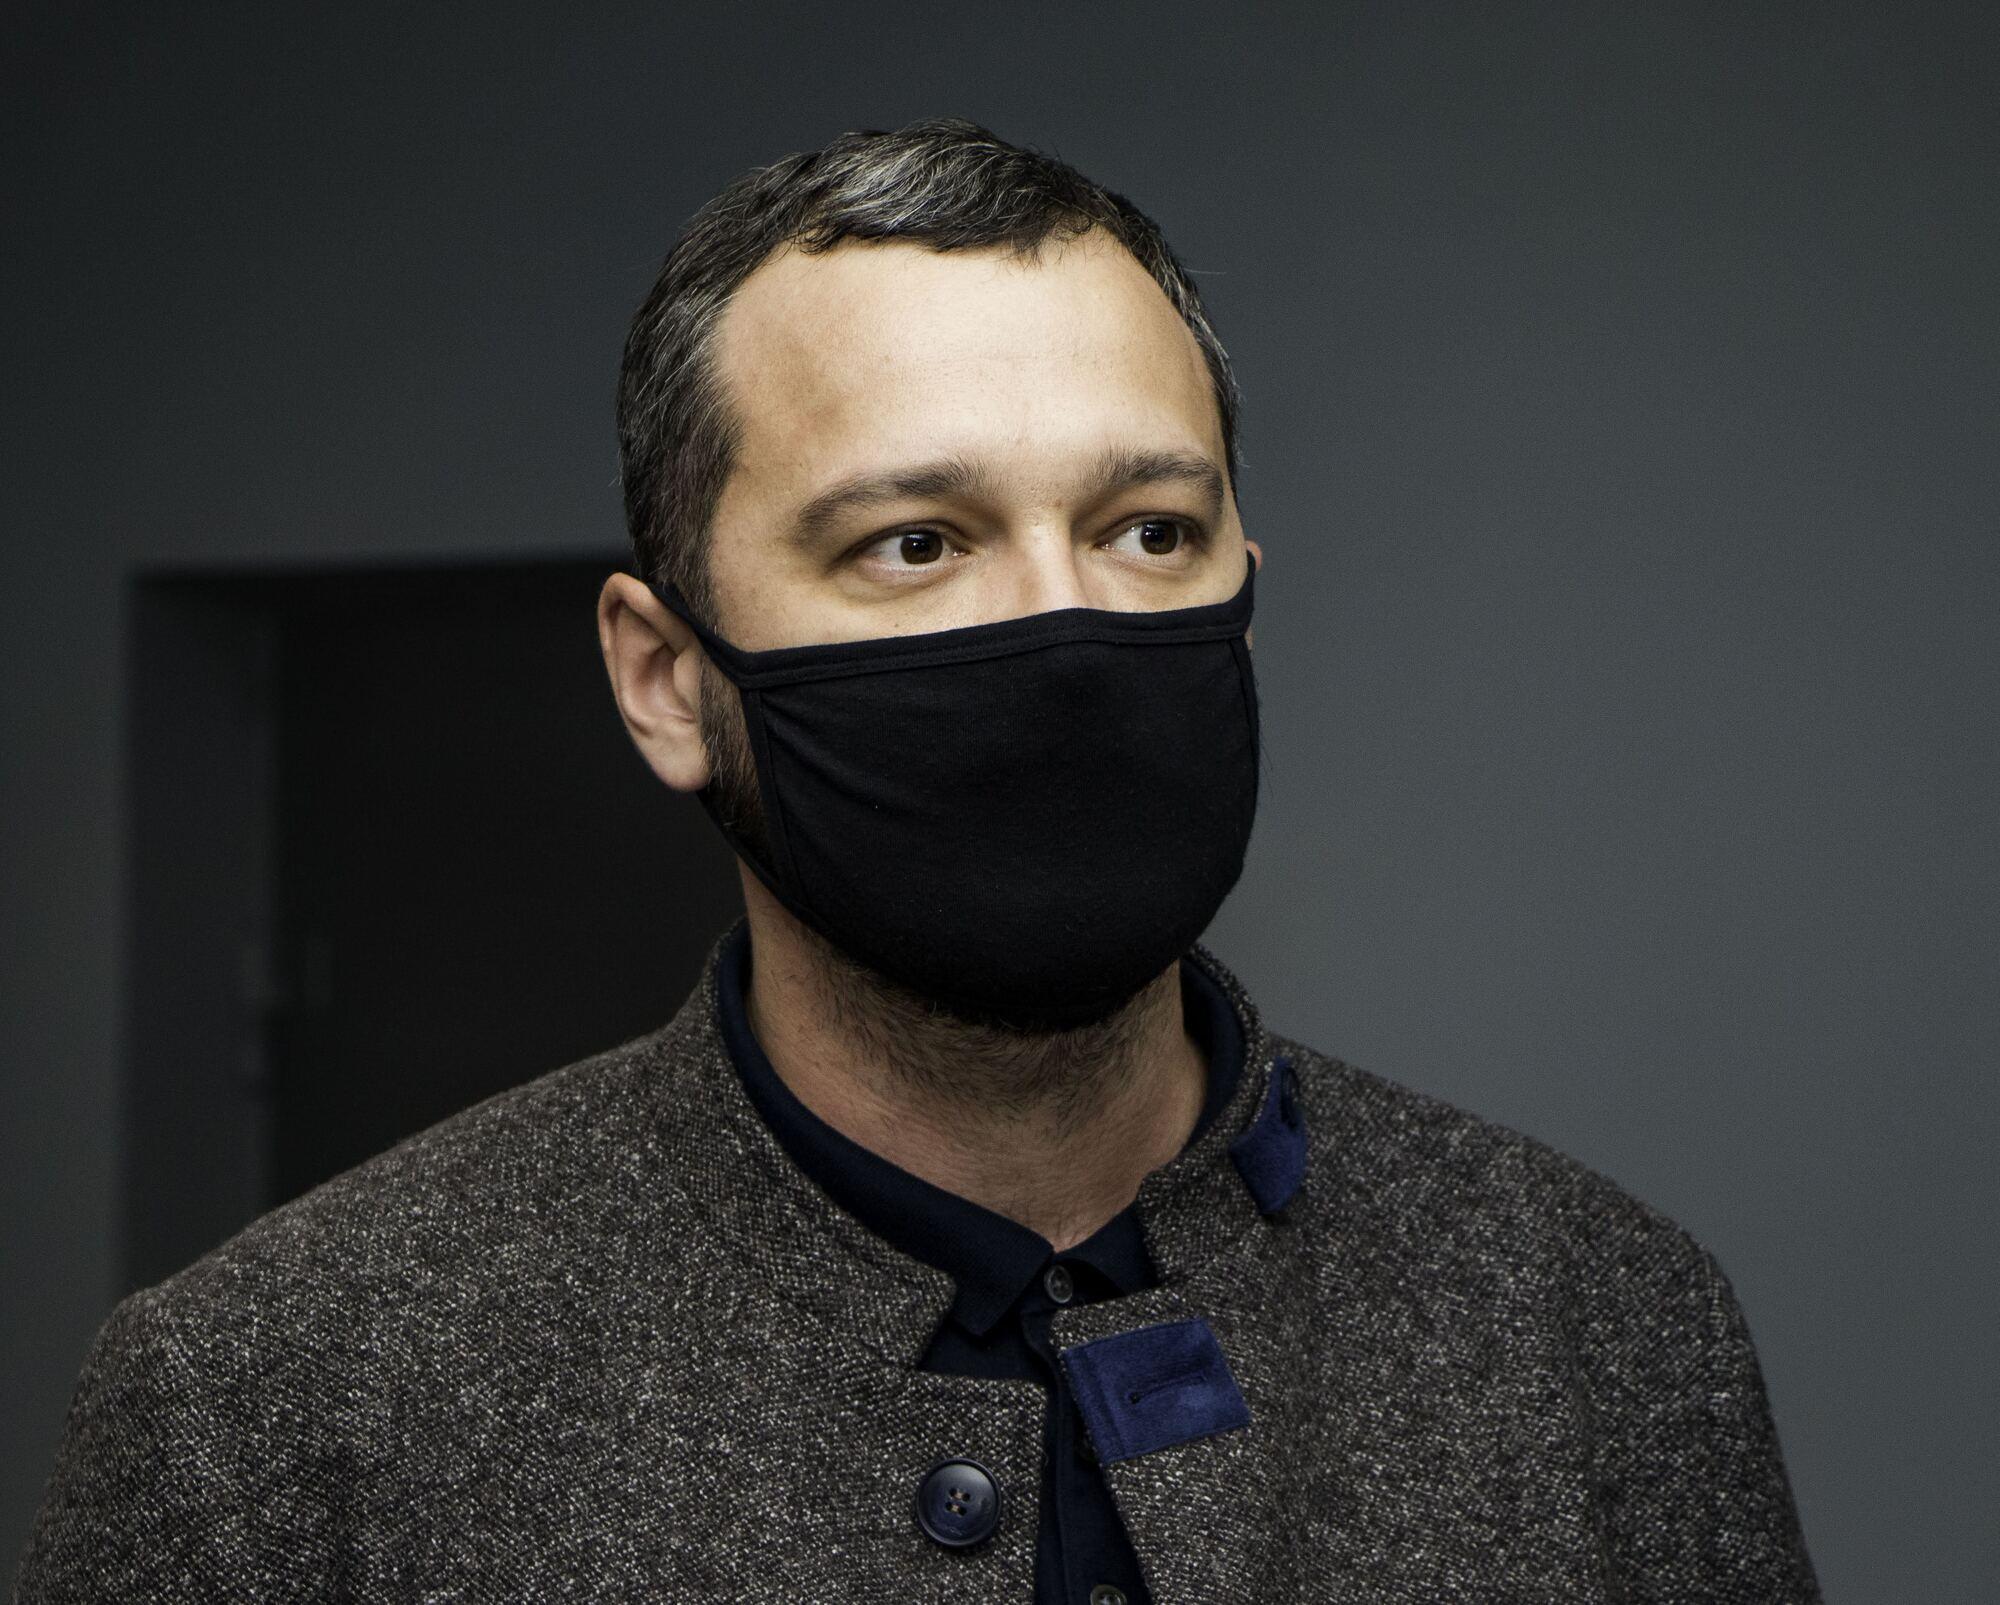 Ниделько сообщил, что все избирательные участки города будут обеспечены дезинфицирующими средствами и масками